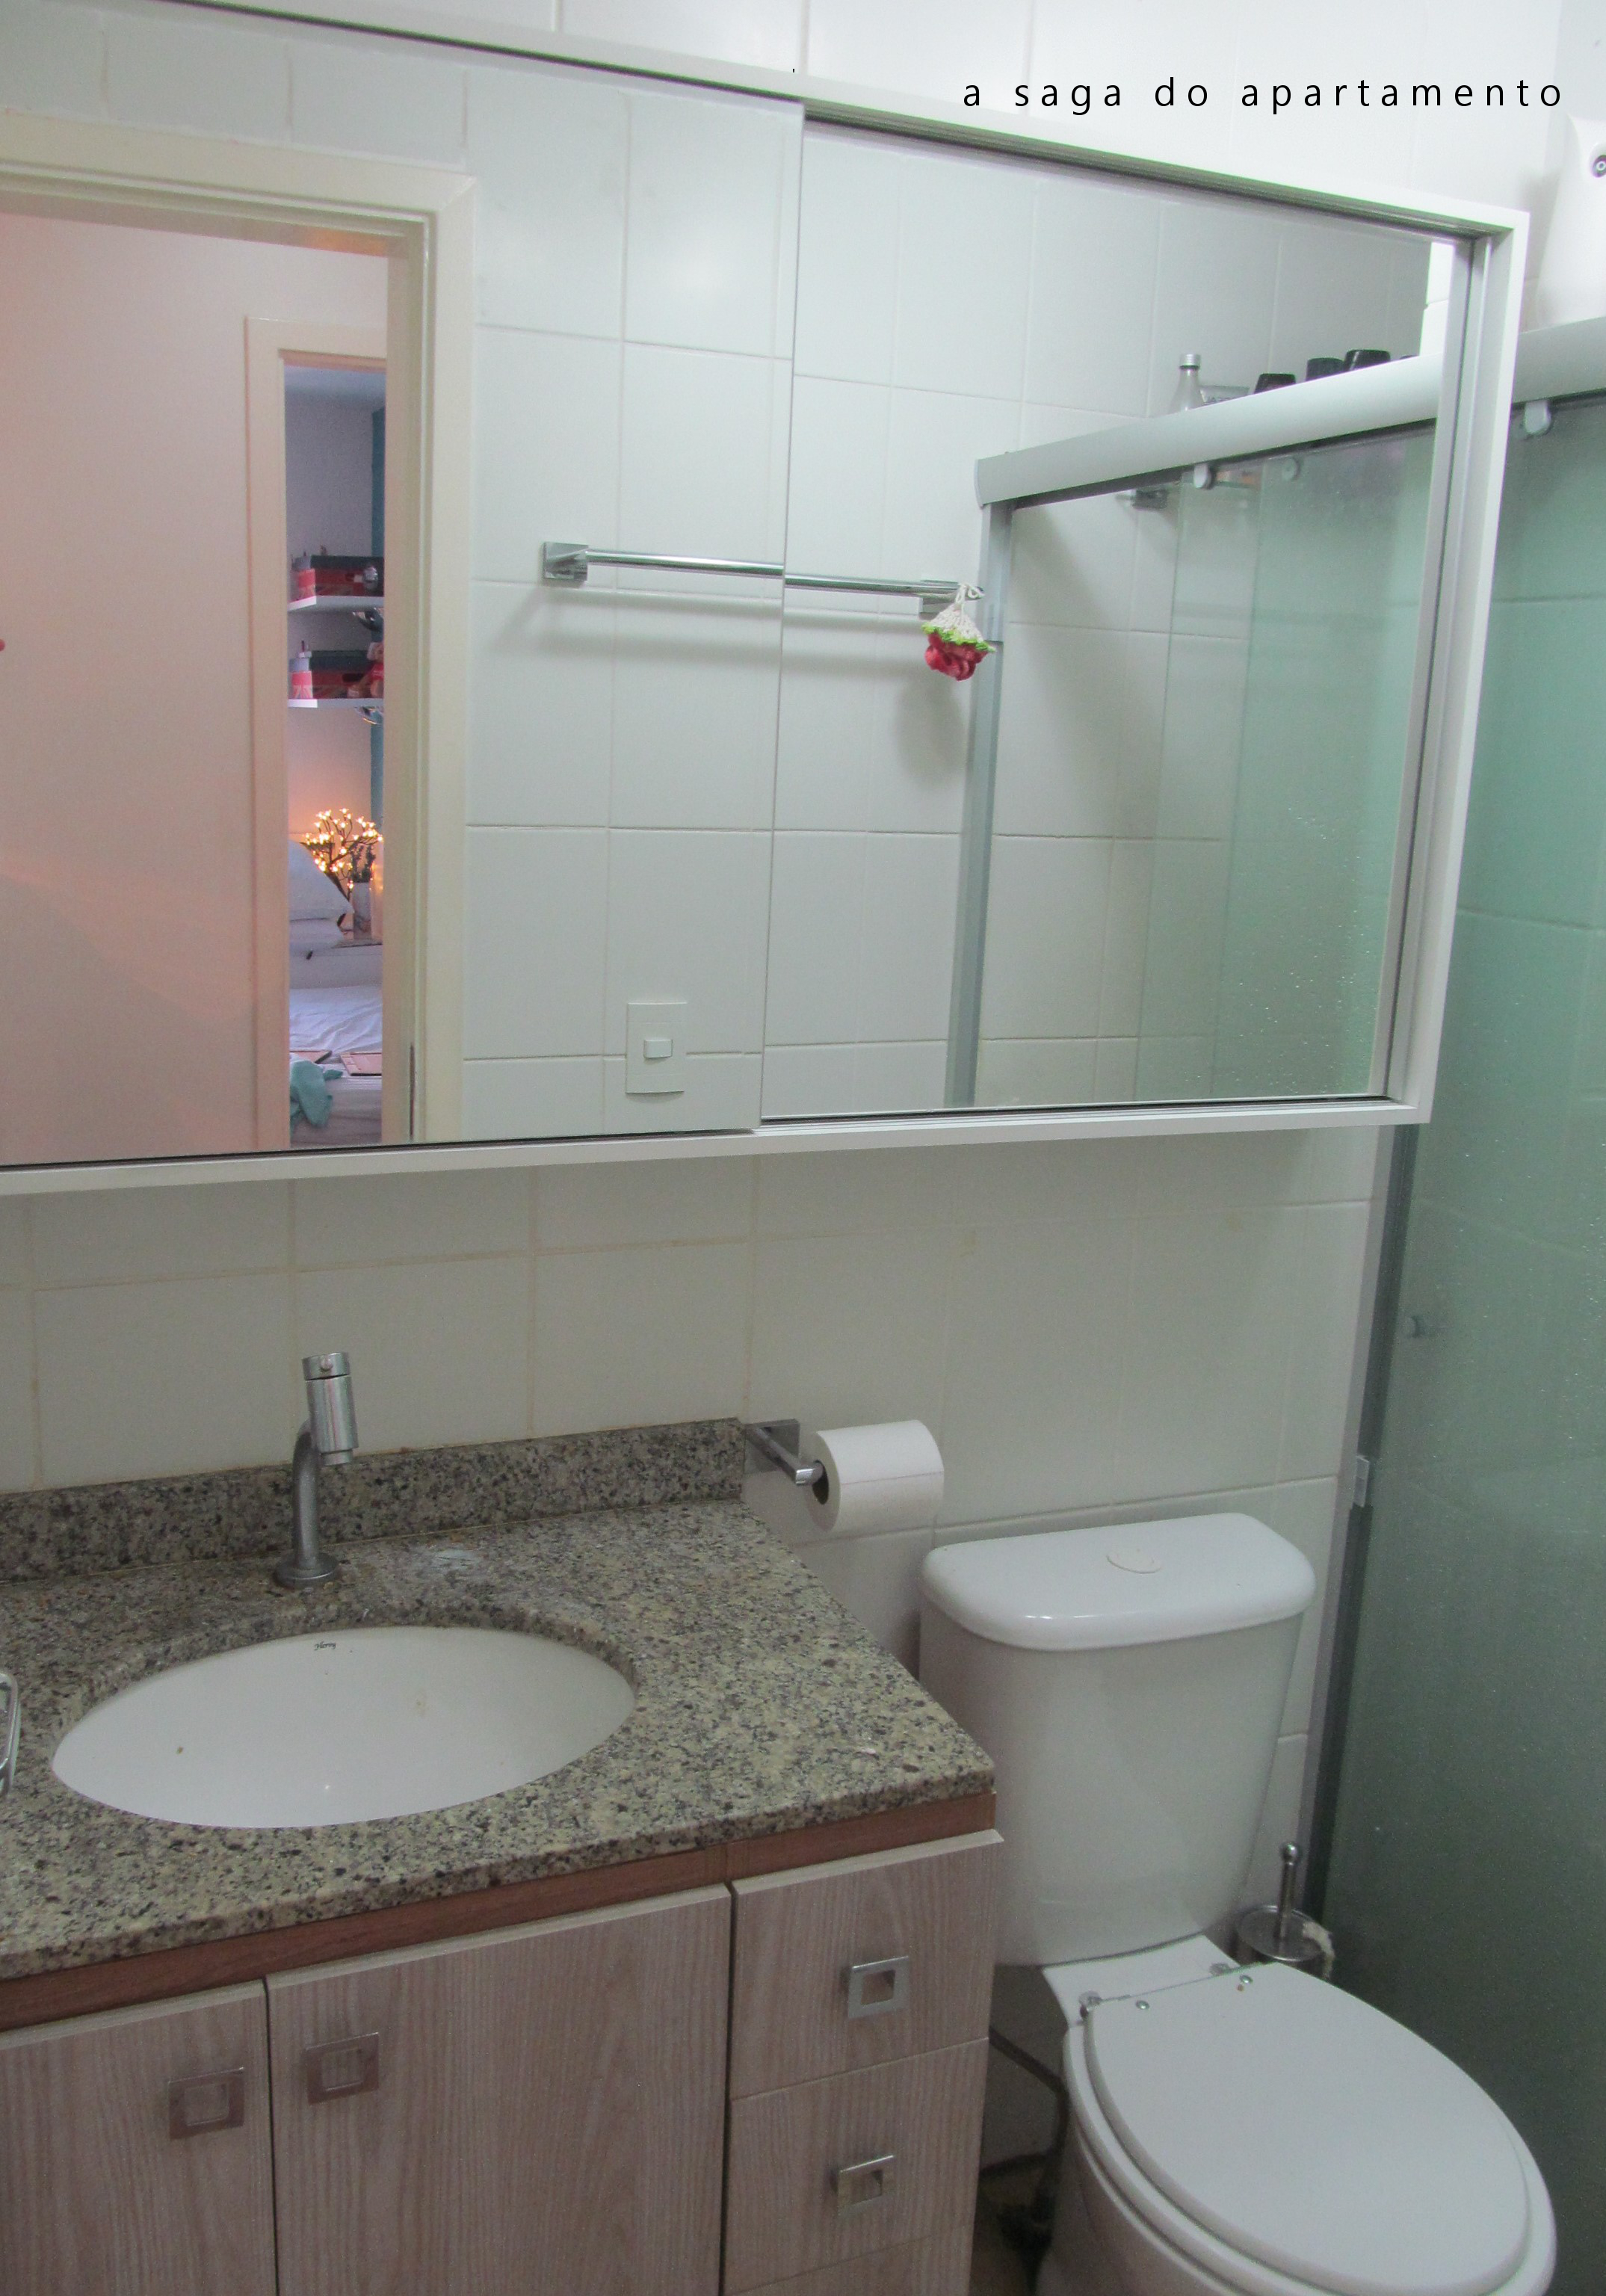 colado na parede os quadros acima do sanitário e as prateleiras de  #745E57 2149 3072